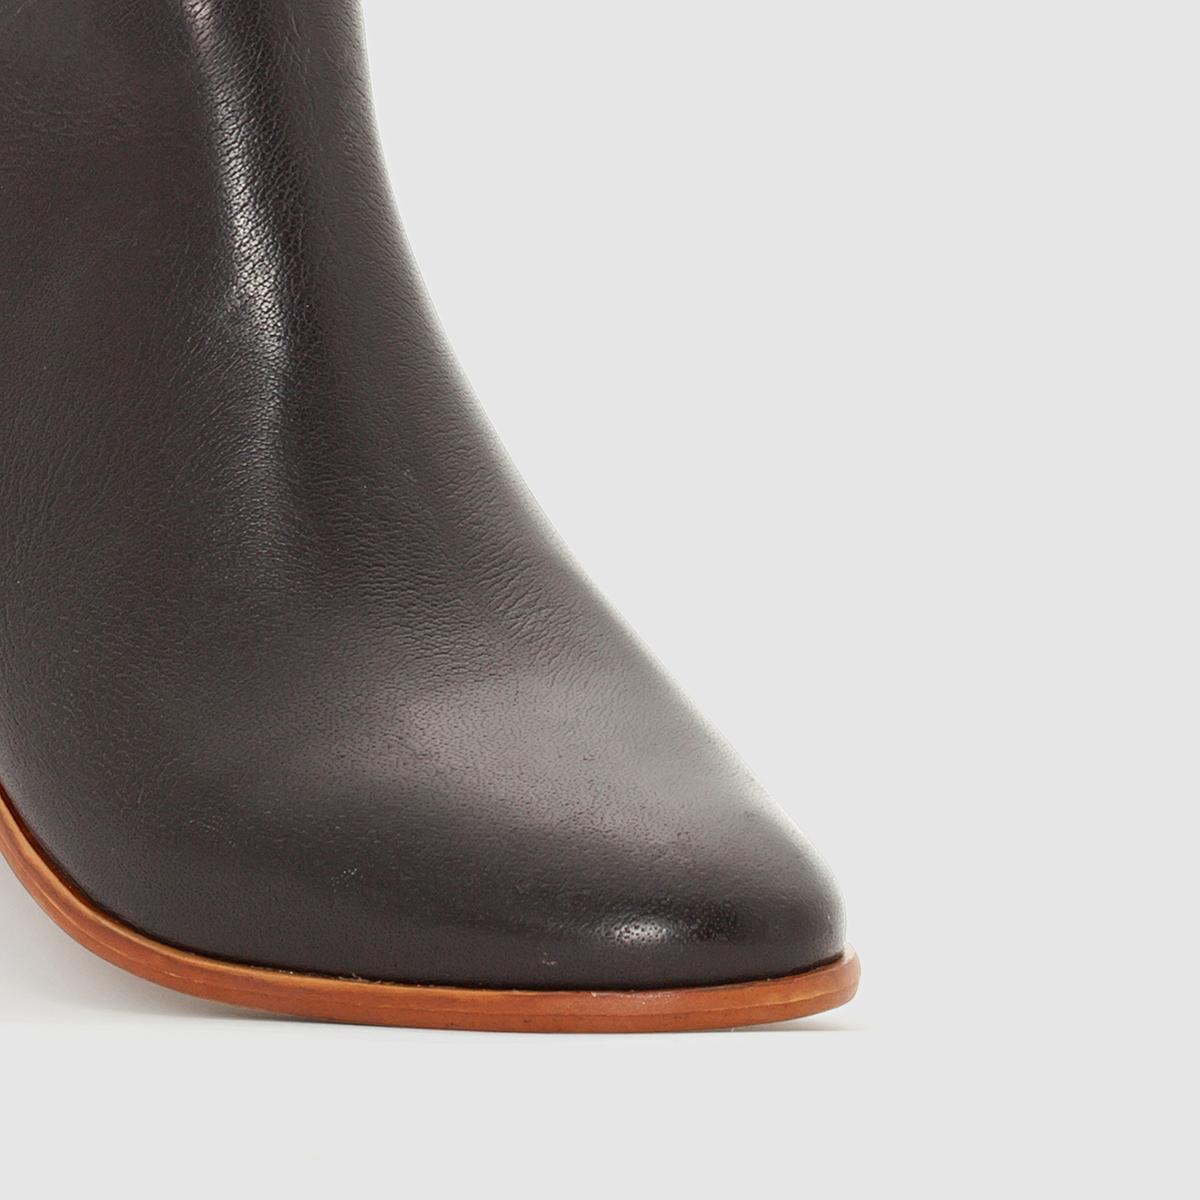 Ботильоны кожаные на каблуке в стиле вестерн